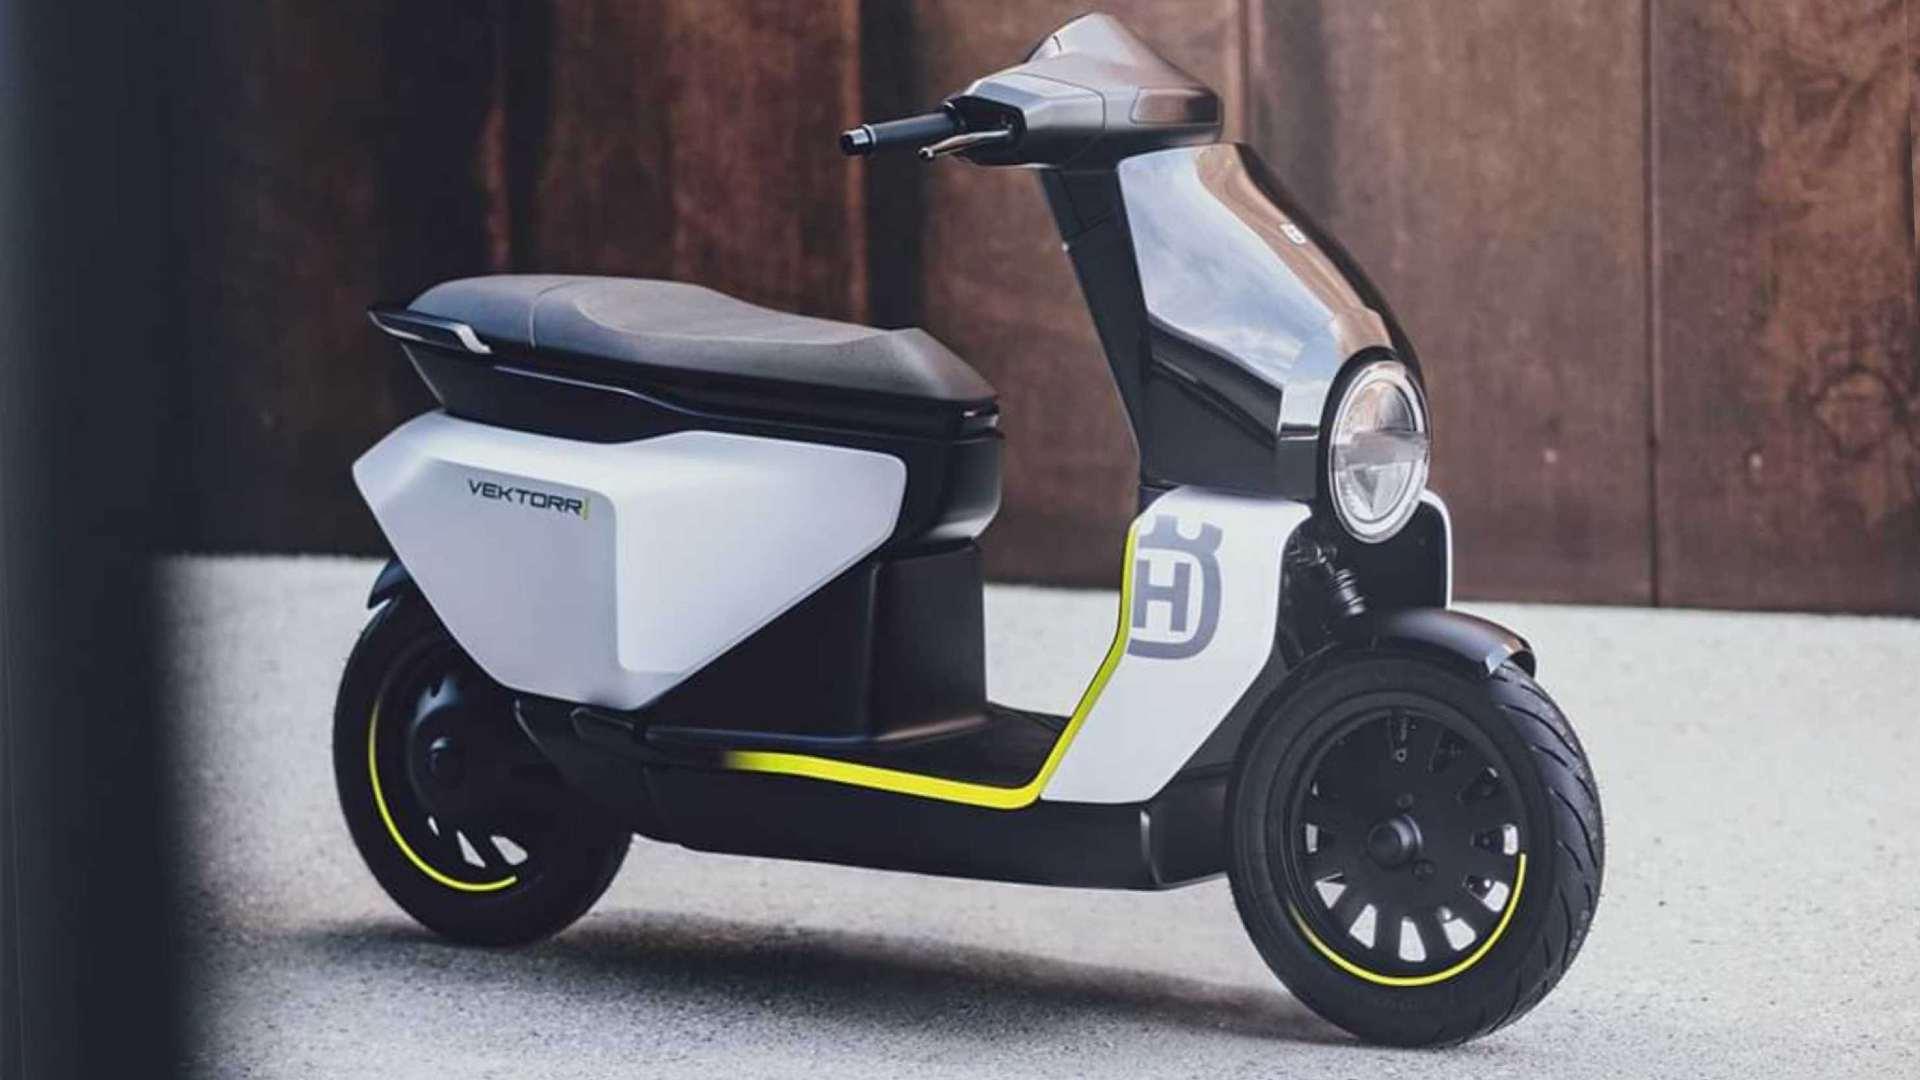 Chetak-based Husqvarna Vektorr e-scooter concept debuts, slated for launch in 2022- Technology News, FP